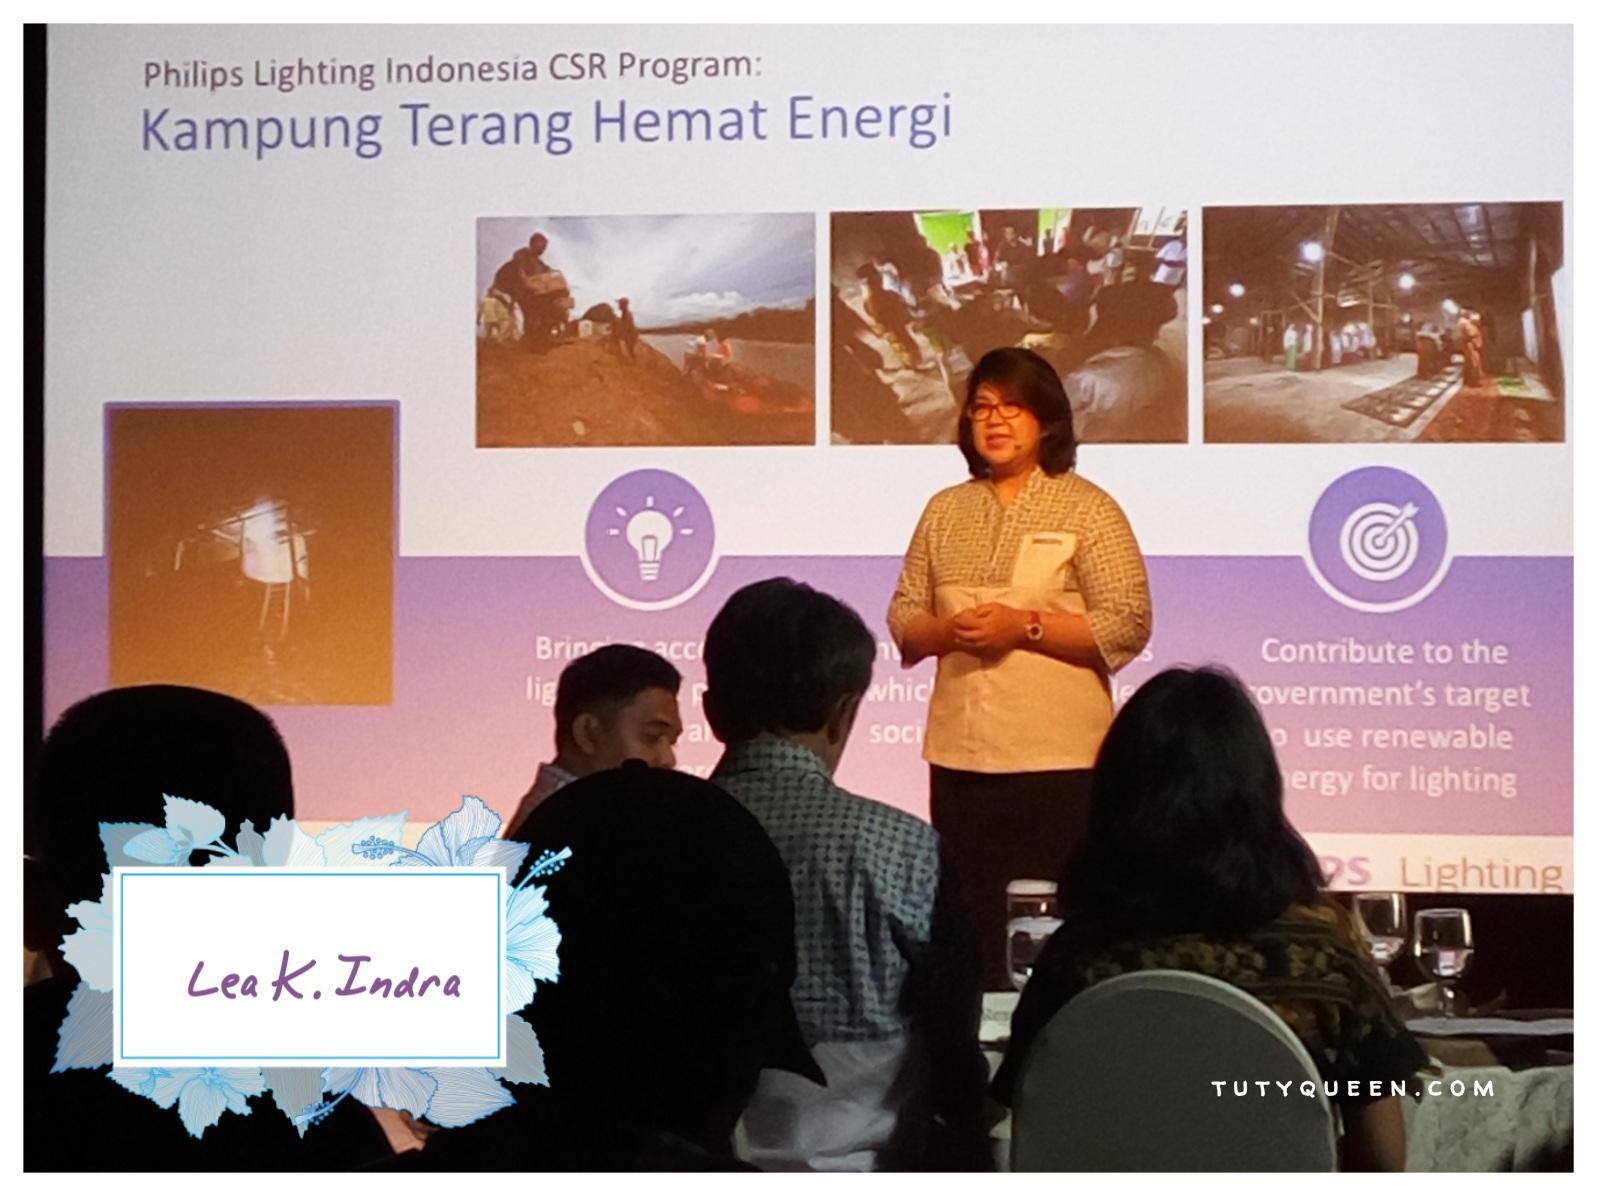 Philips Luncurkan Program Kampung Terang Hemat Energi 2017 2018 Produk Ukm Bumn Tas Mukena Besar Lea K Indra Selaku Integrated Communications Manager Lighting Indonesia Menjelaskan Mengenai Csr